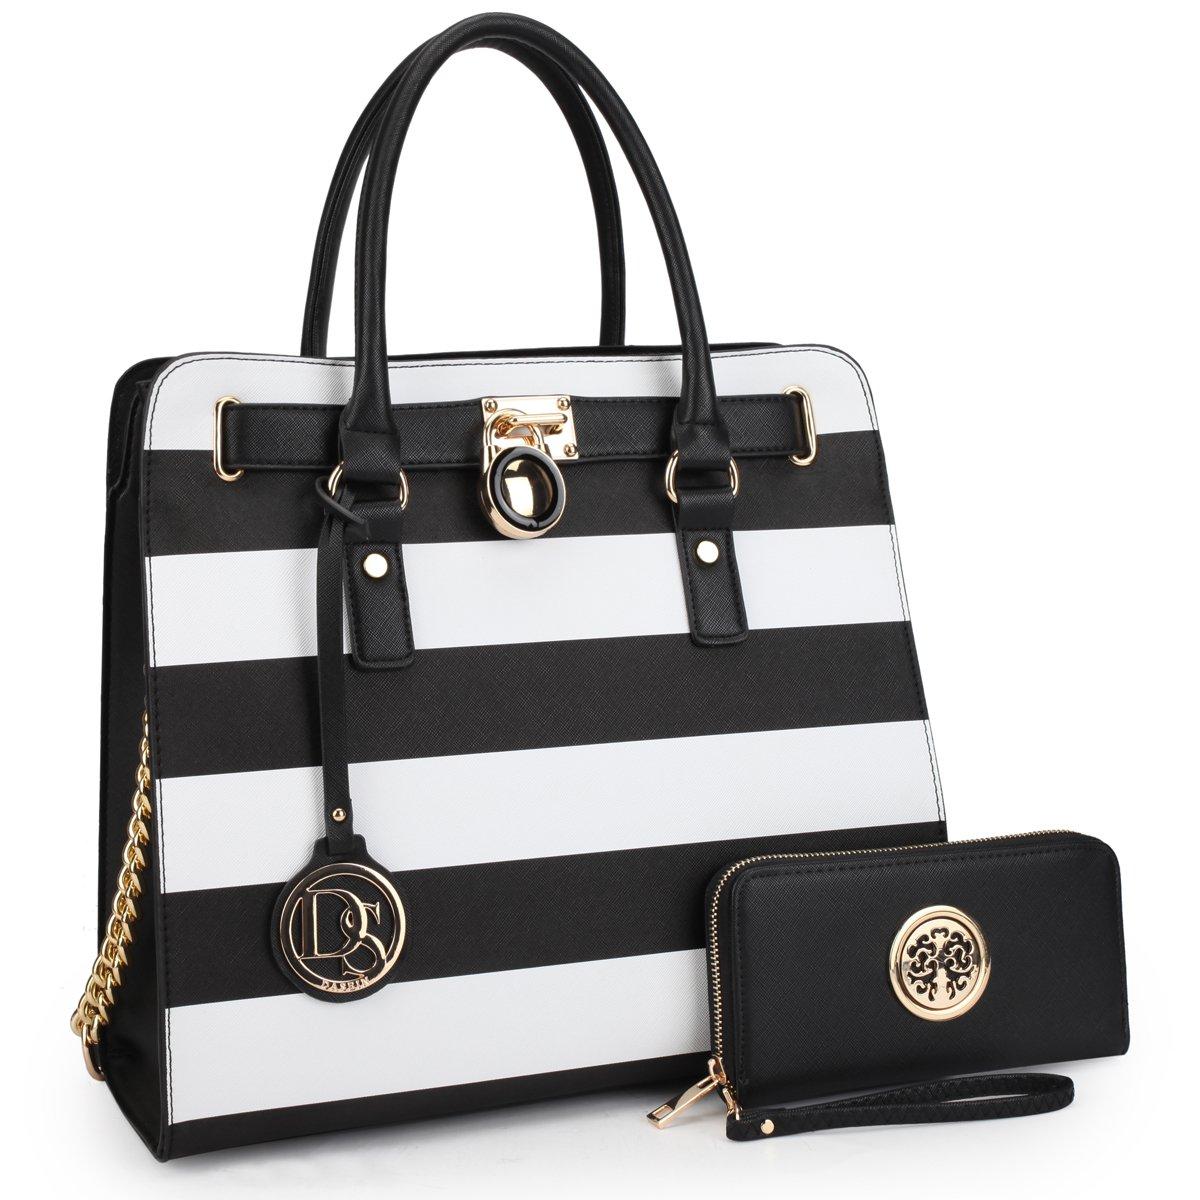 DASEIN Fashion Top Belted Tote Satchel Designer Padlock Handbag Shoulder Bag for Women (2553w-Black Stripe)